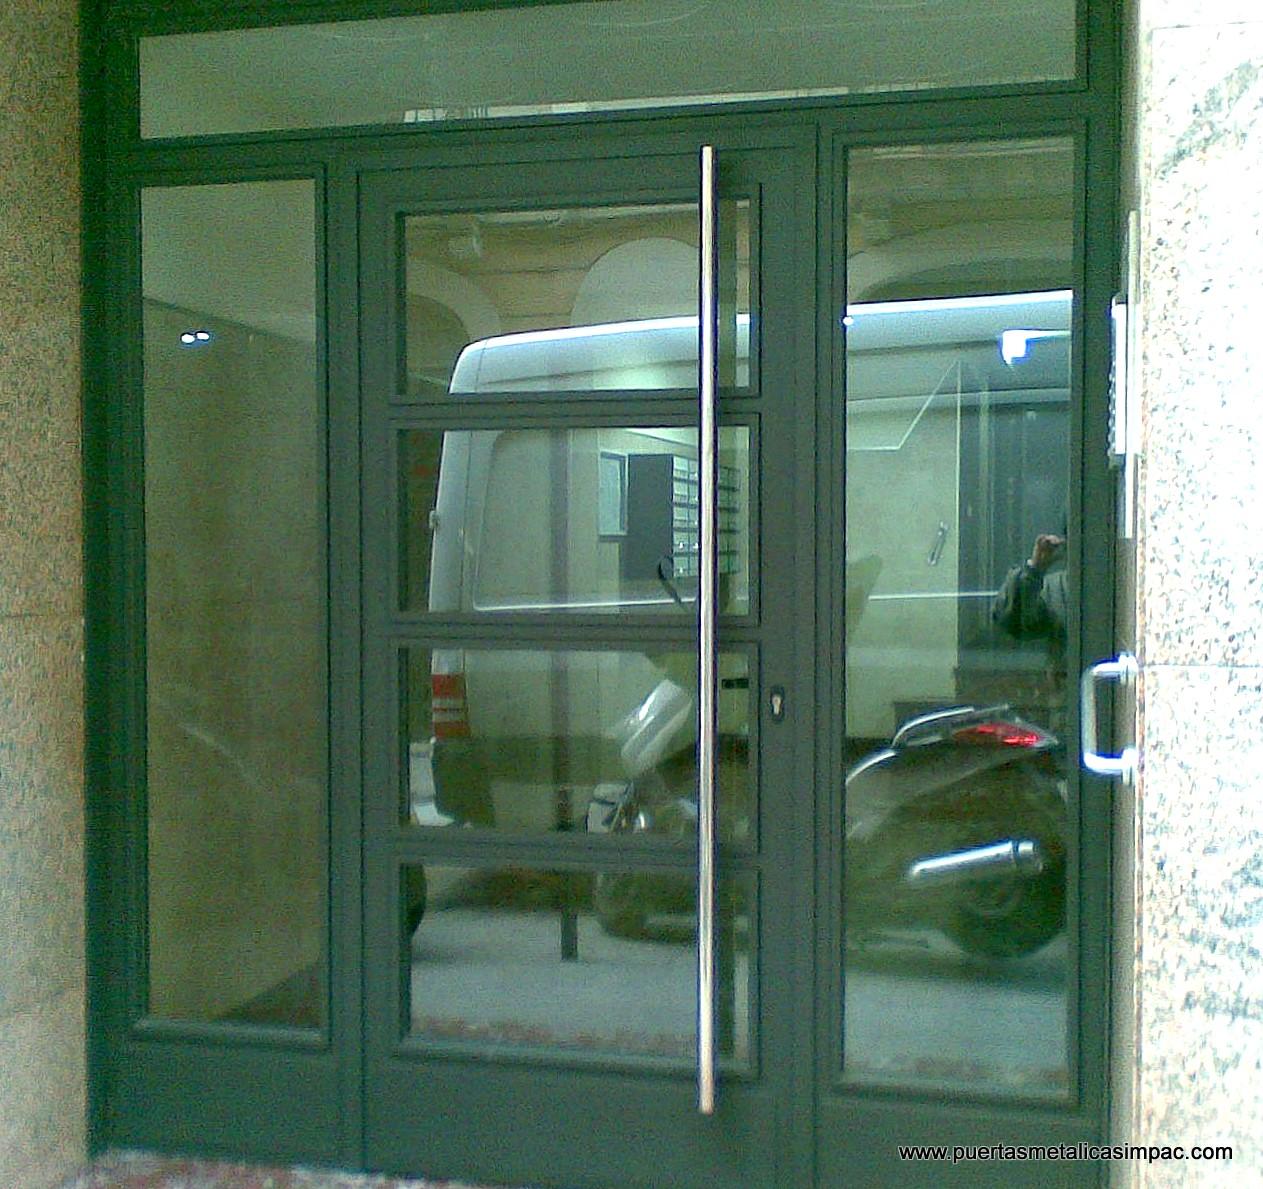 Puertas portones hierro rejas artisticos eeq pictures - Rejas para puertas ...